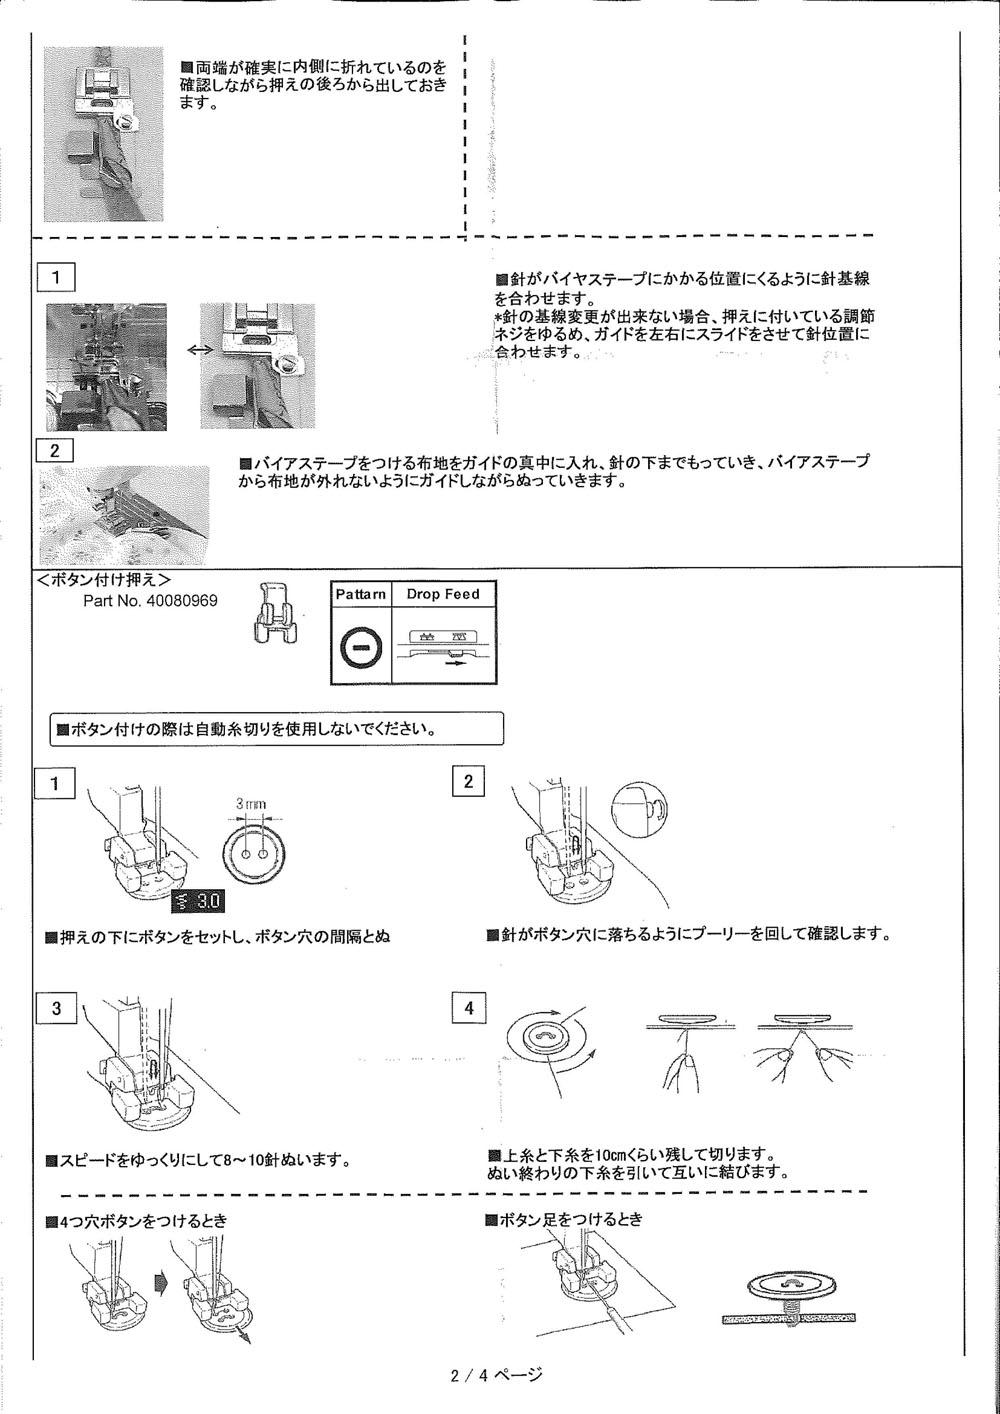 【送料無料】 ヘビーユーザーキット(Xシリーズ)